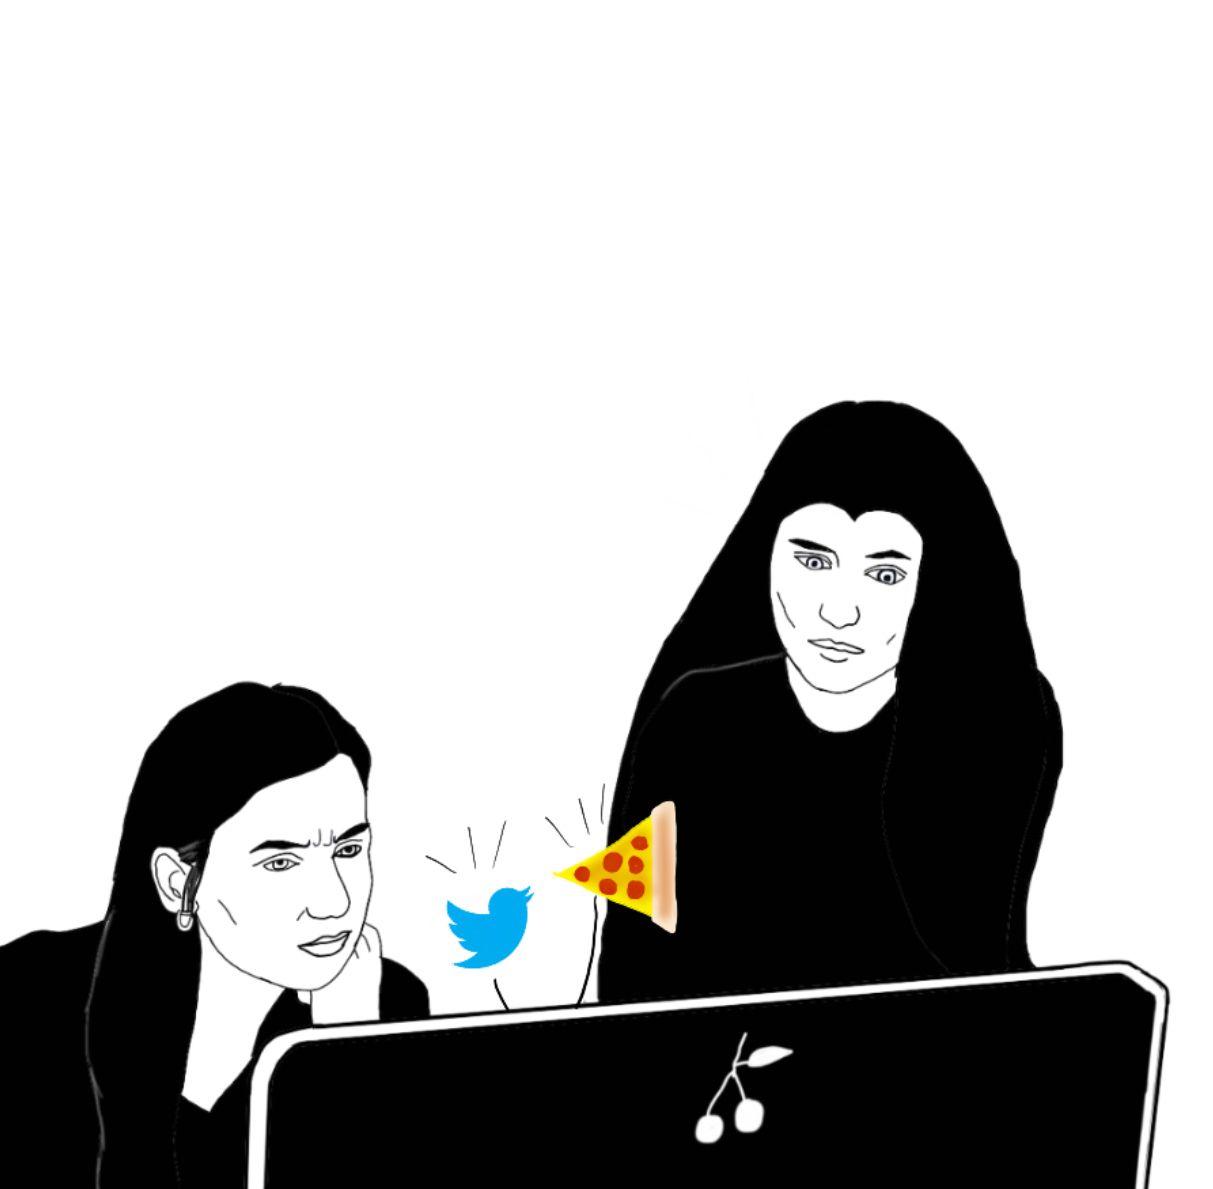 Twitter vs Pizza